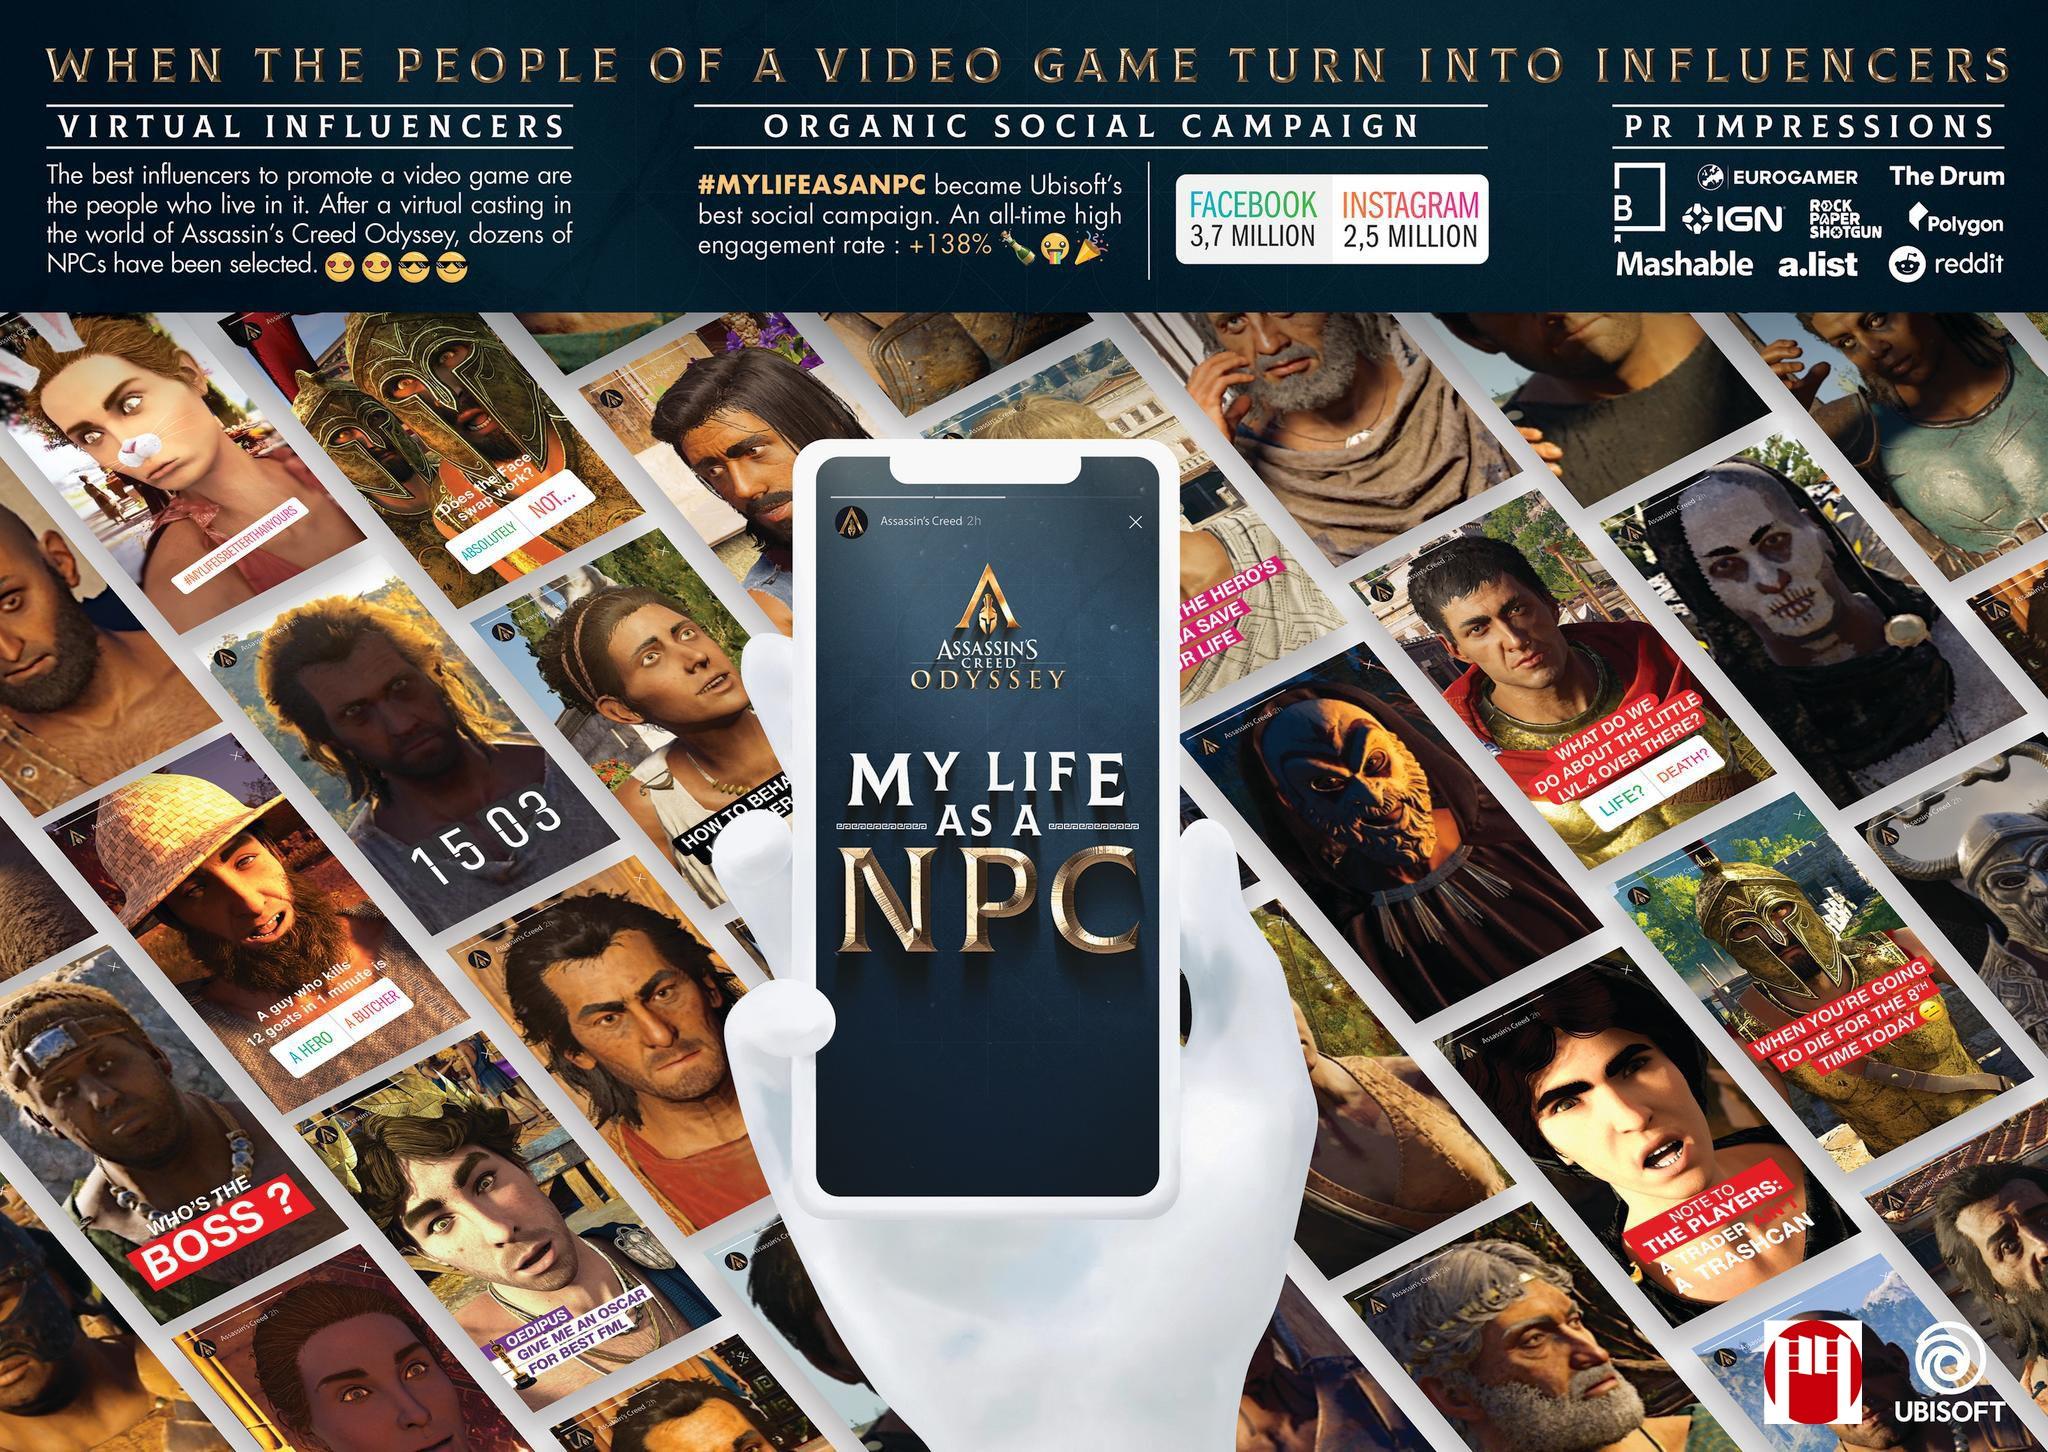 社会化营销《我作为NPC的生活》水印.jpg